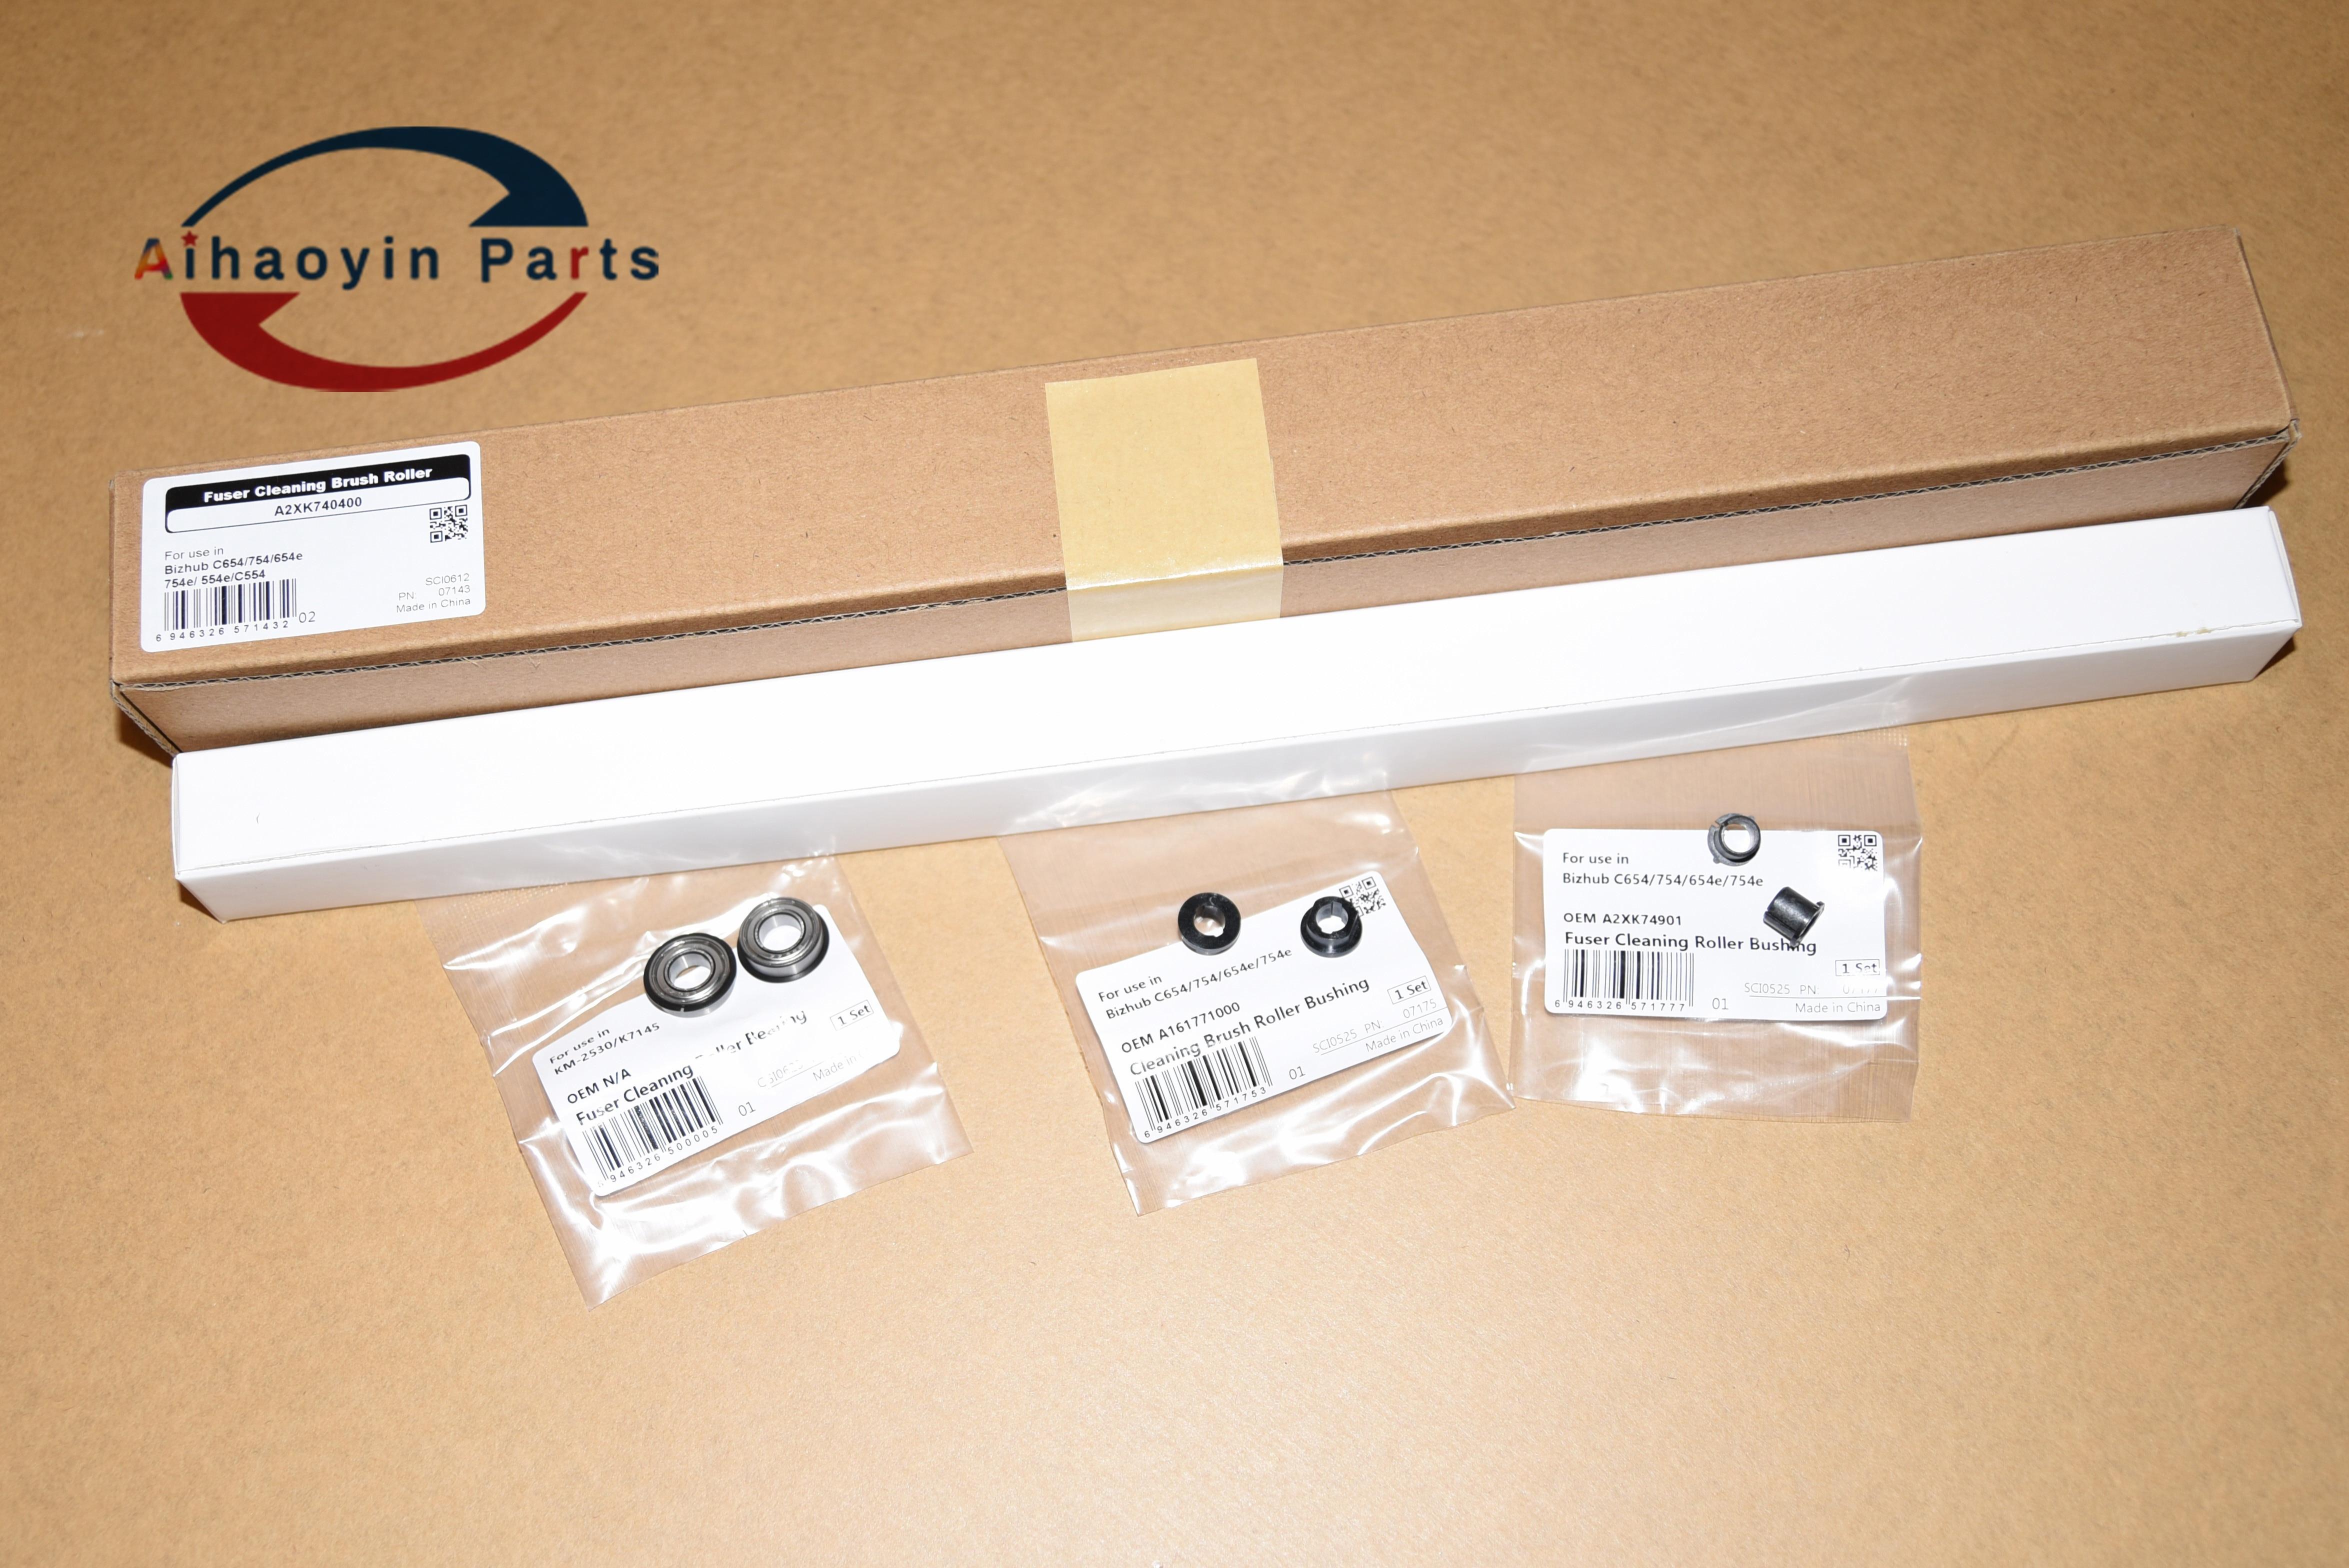 for konica minolta 554 654 754 654e 754e C554e C554 C654 C754 C654e C754e sub fuser kit cleanig brush roller bushing and bearing